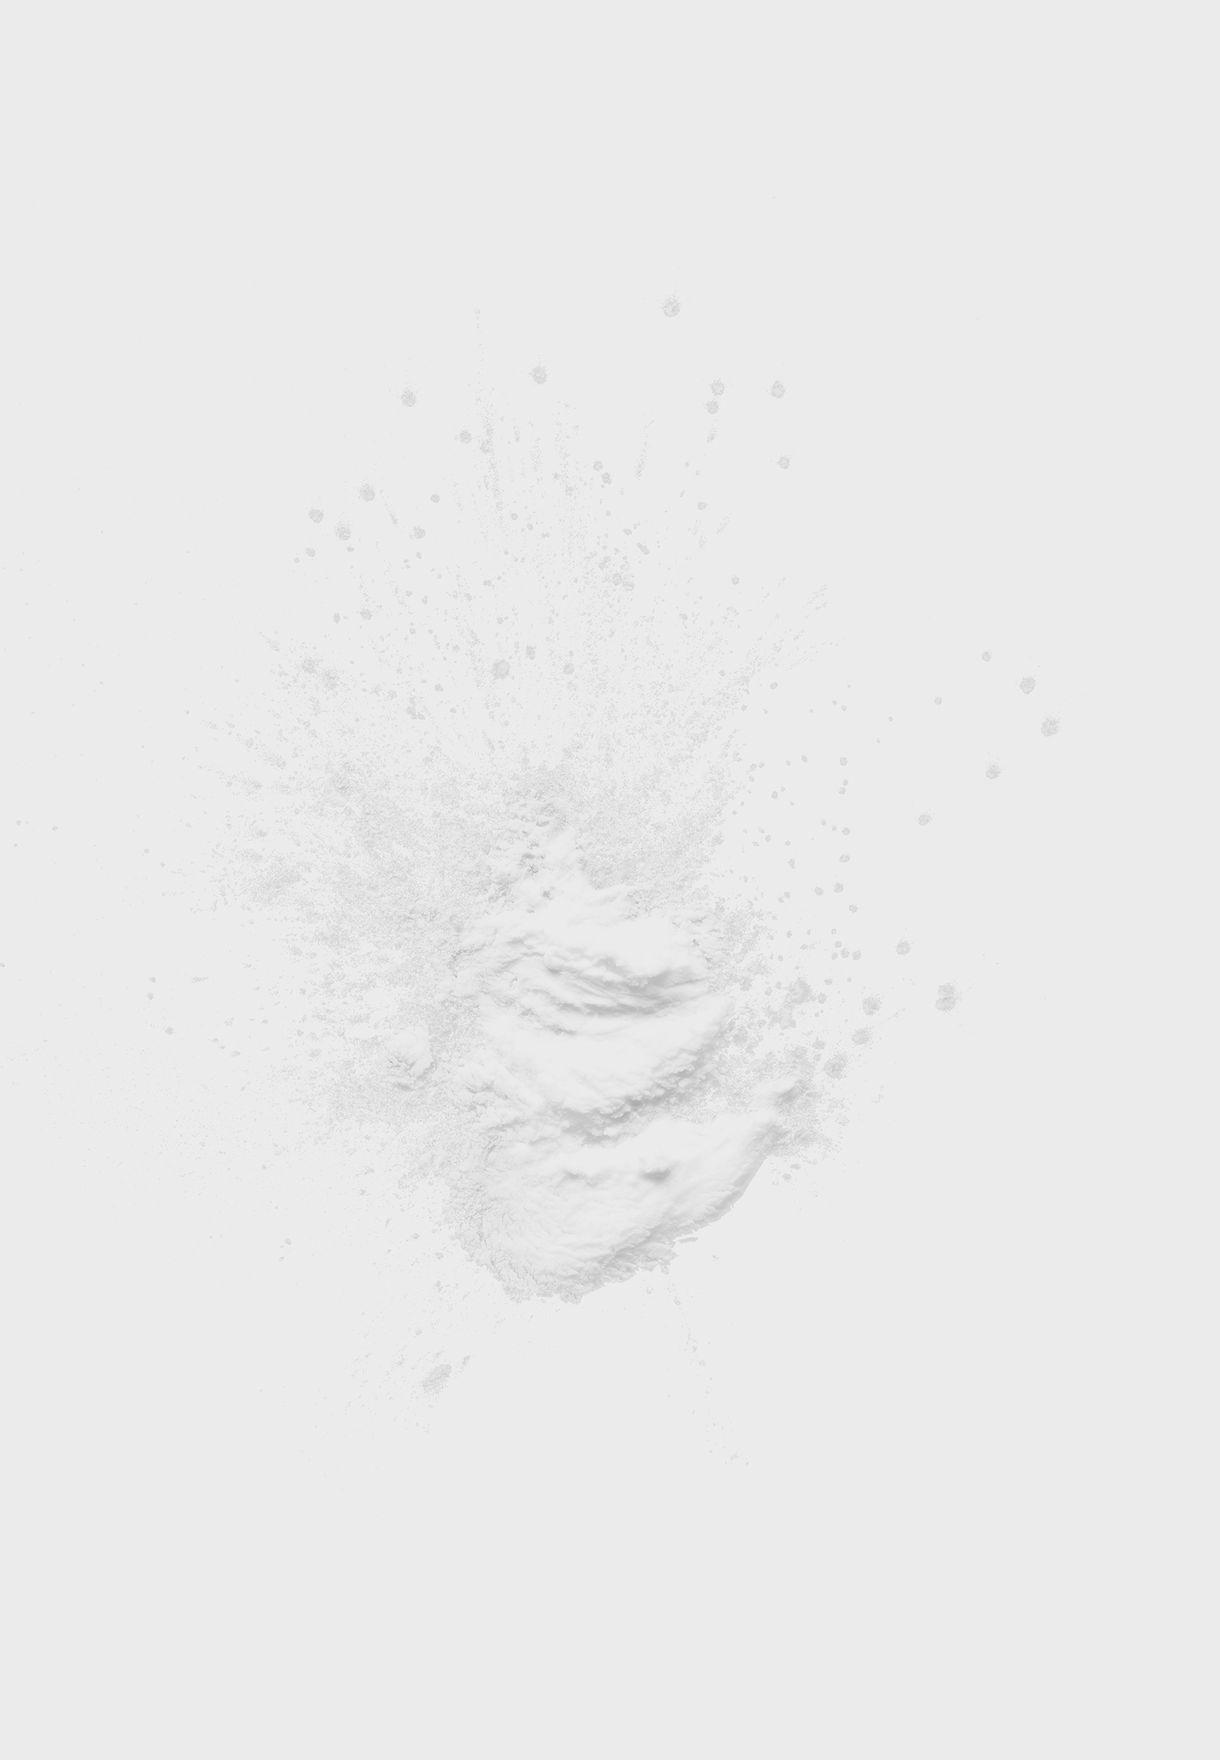 بودرة ستوديو فينيشينج - نتيجة نصف شفافة